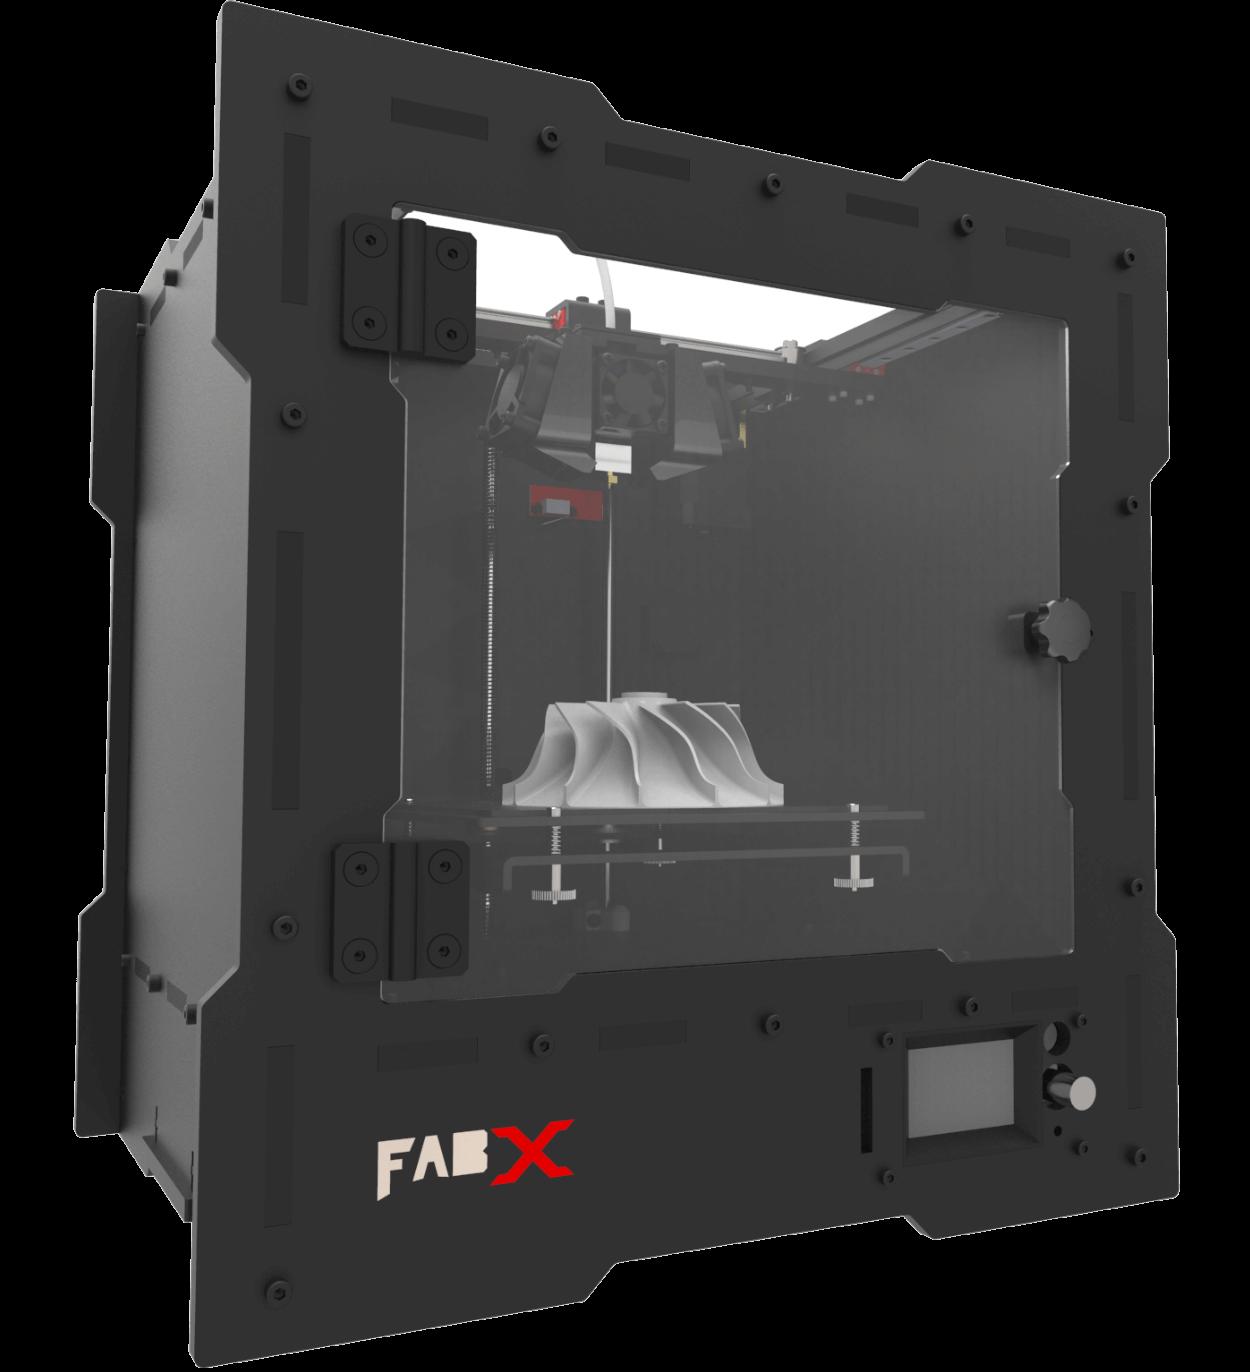 FabX Plus